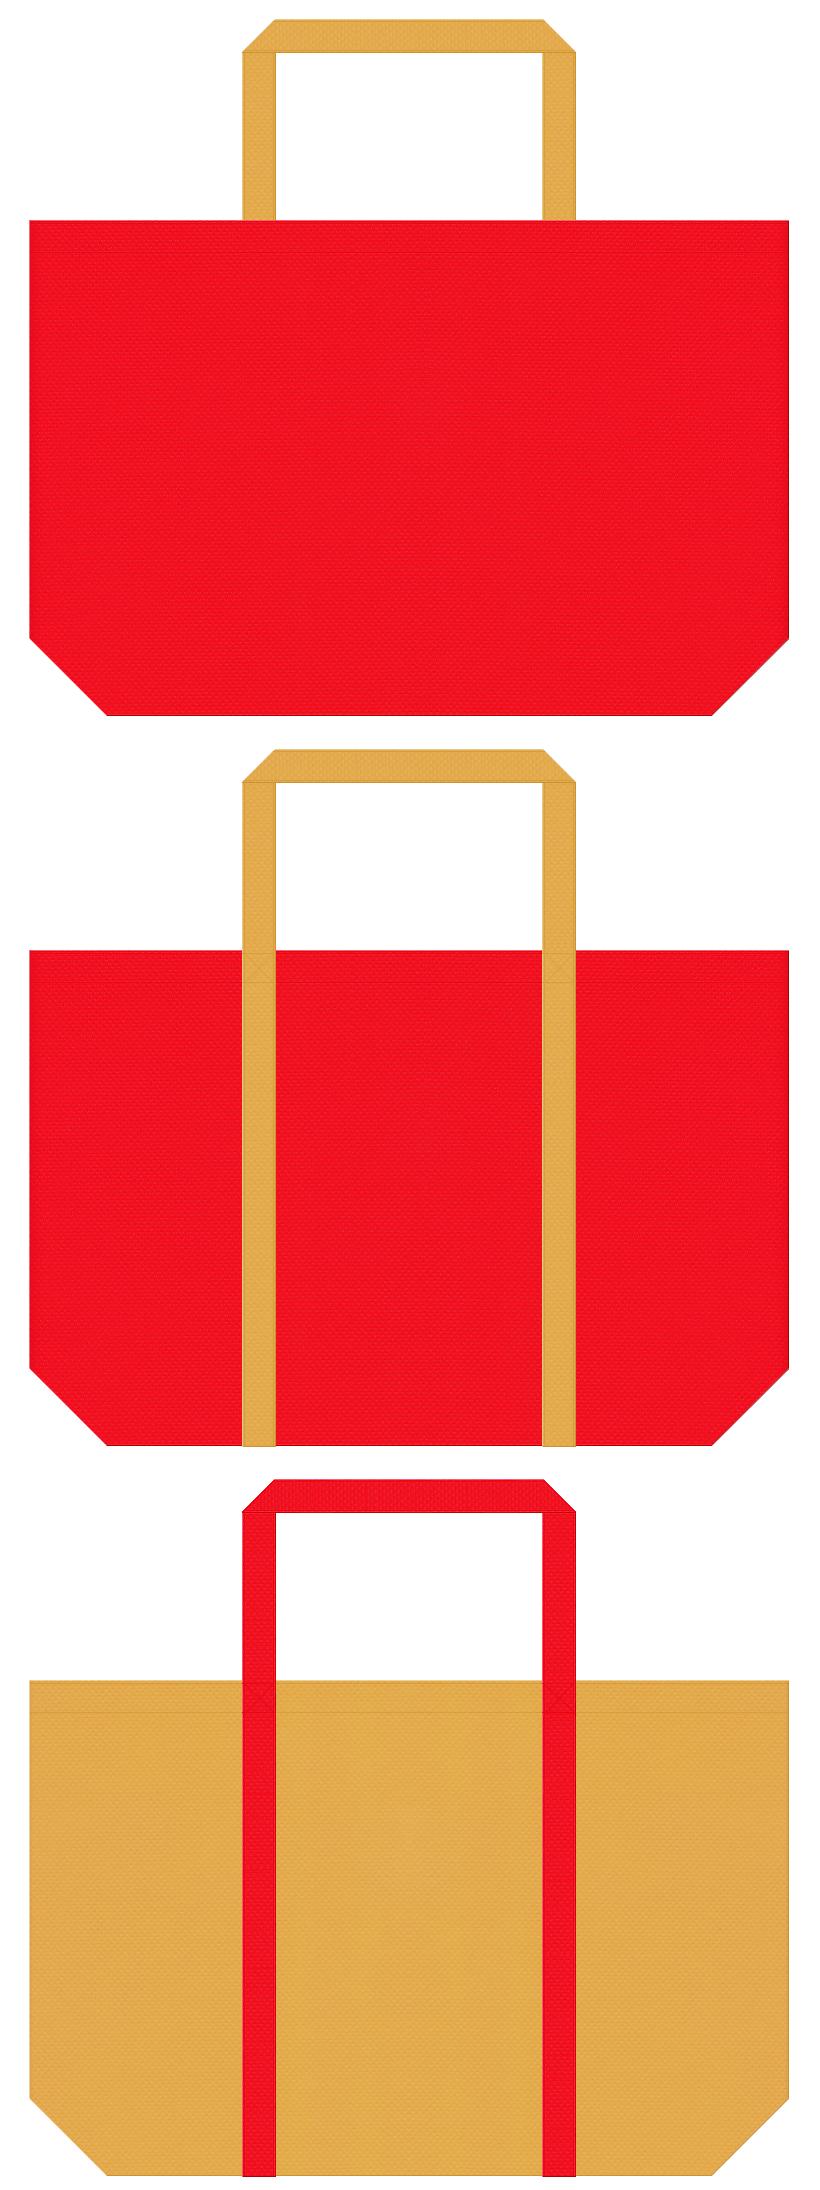 絵本・むかし話・赤鬼・節分・大豆・一合枡・御輿・お祭り・和風催事・福袋にお奨めの不織布バッグデザイン:赤色と黄土色のコーデ